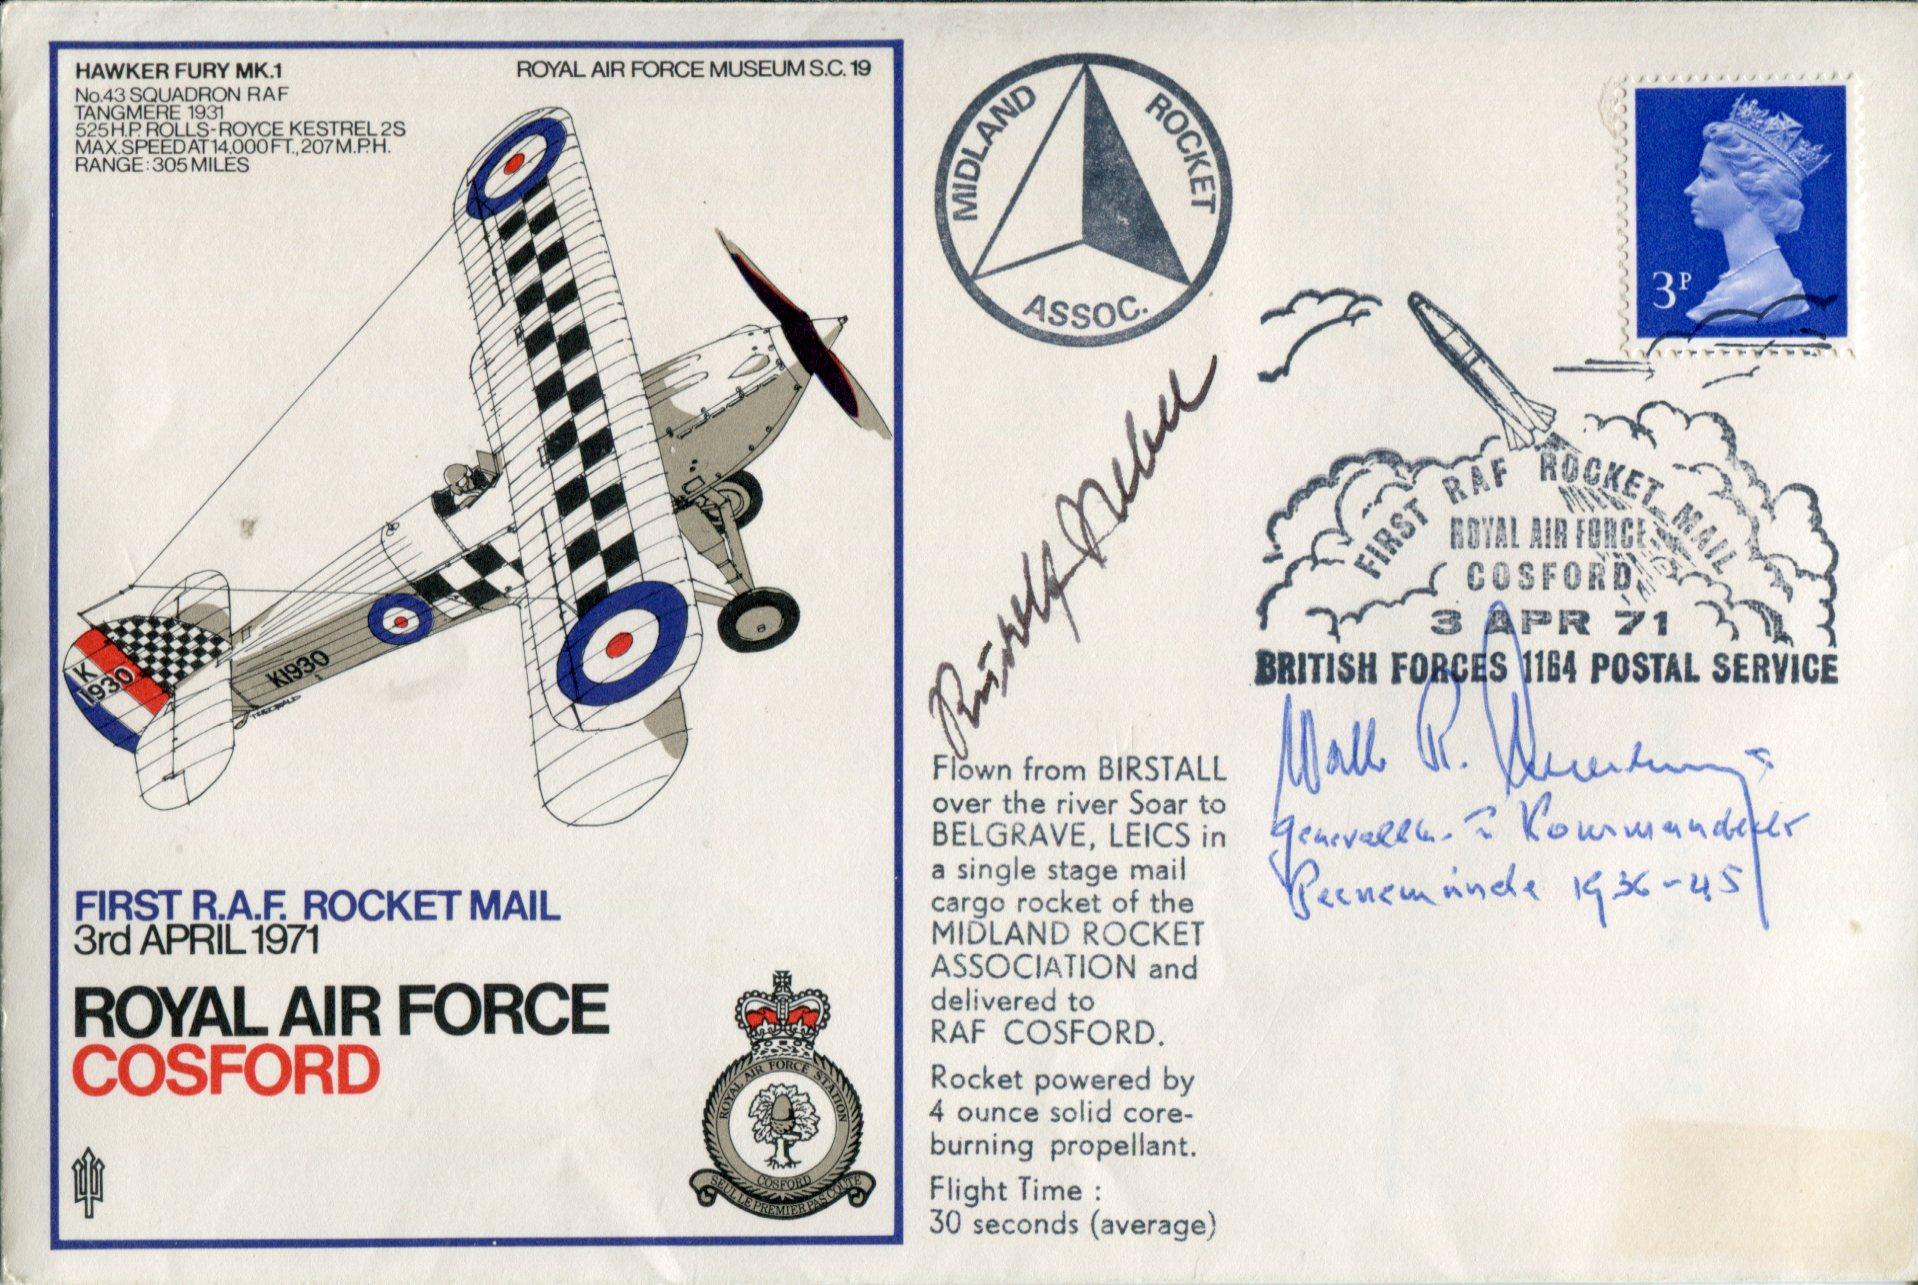 Lot 26 - Peenemunde Base Commander RAF Cosford cover signed by General Walter Dornberger commanding officer